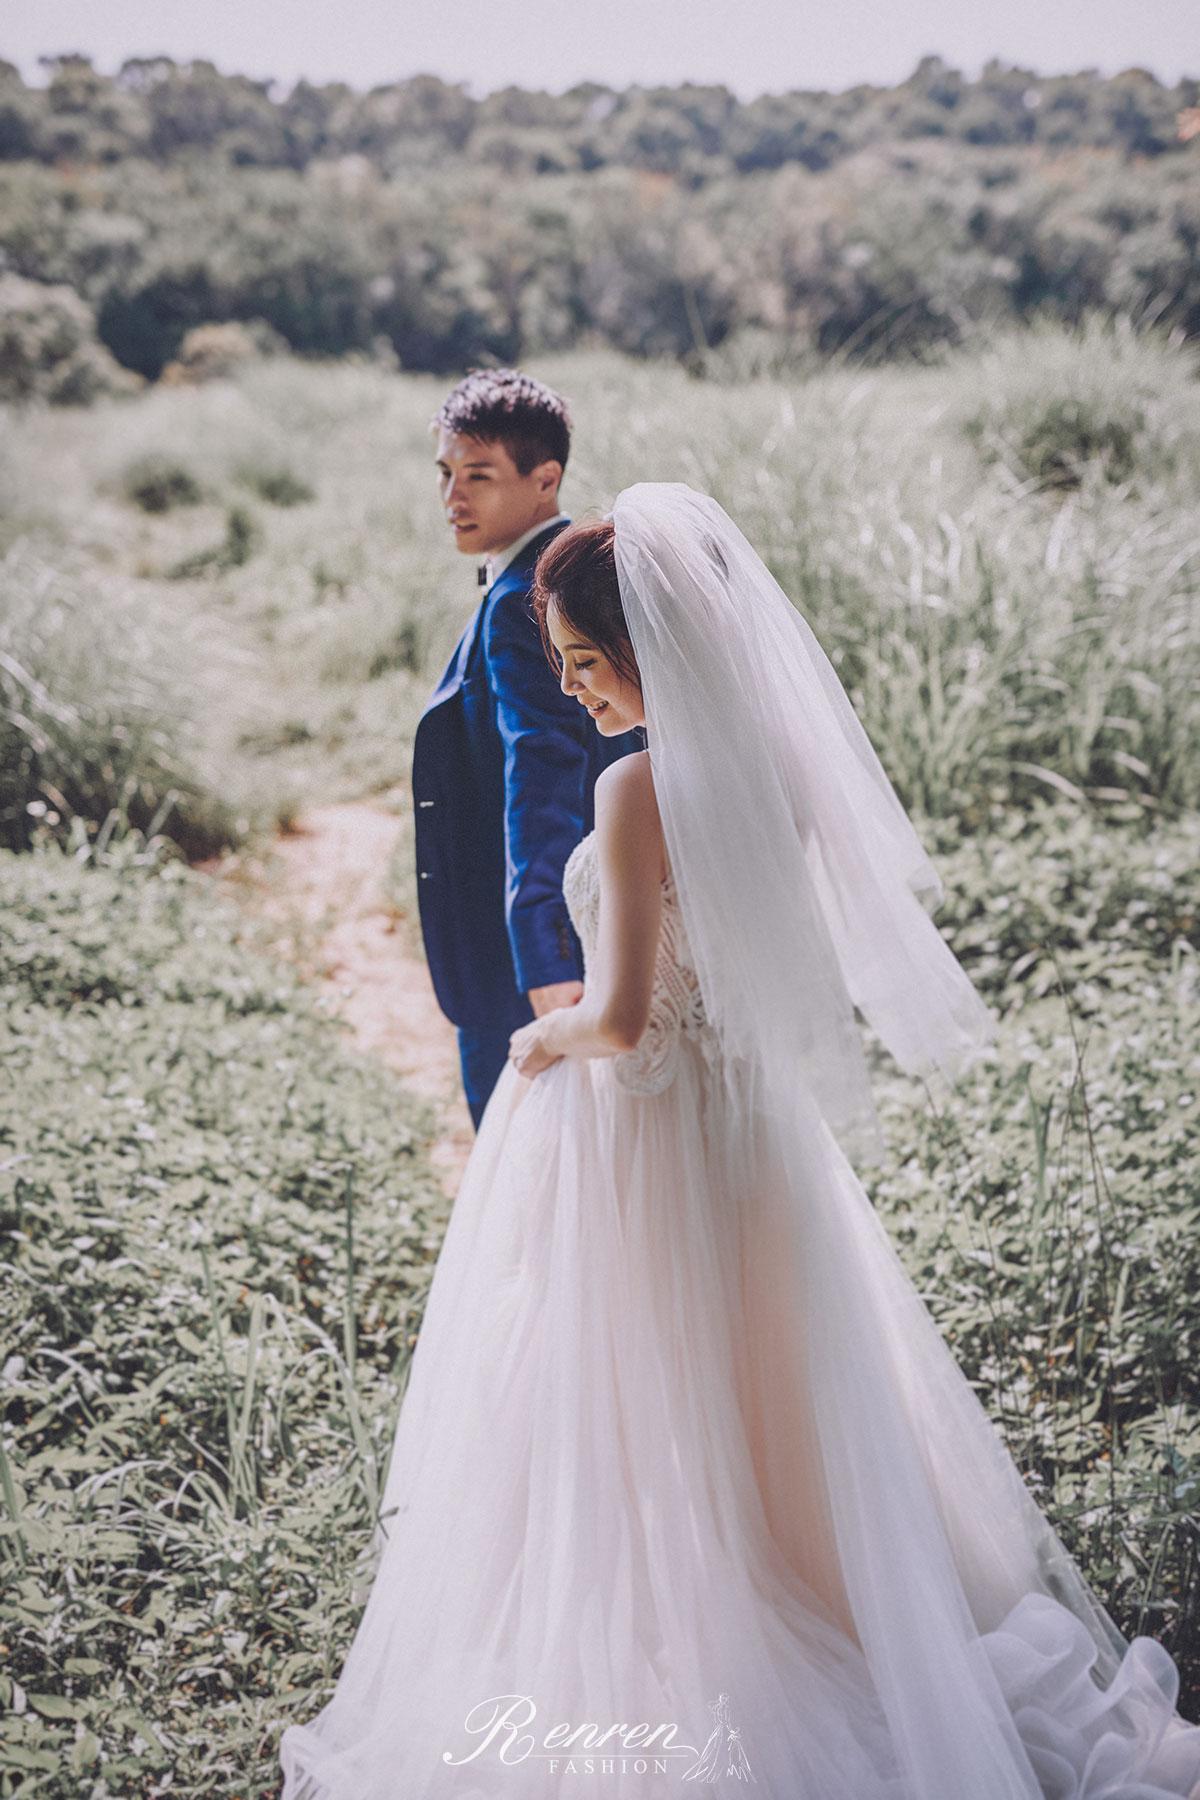 婚紗 美式 自然 -台中-冉冉婚紗